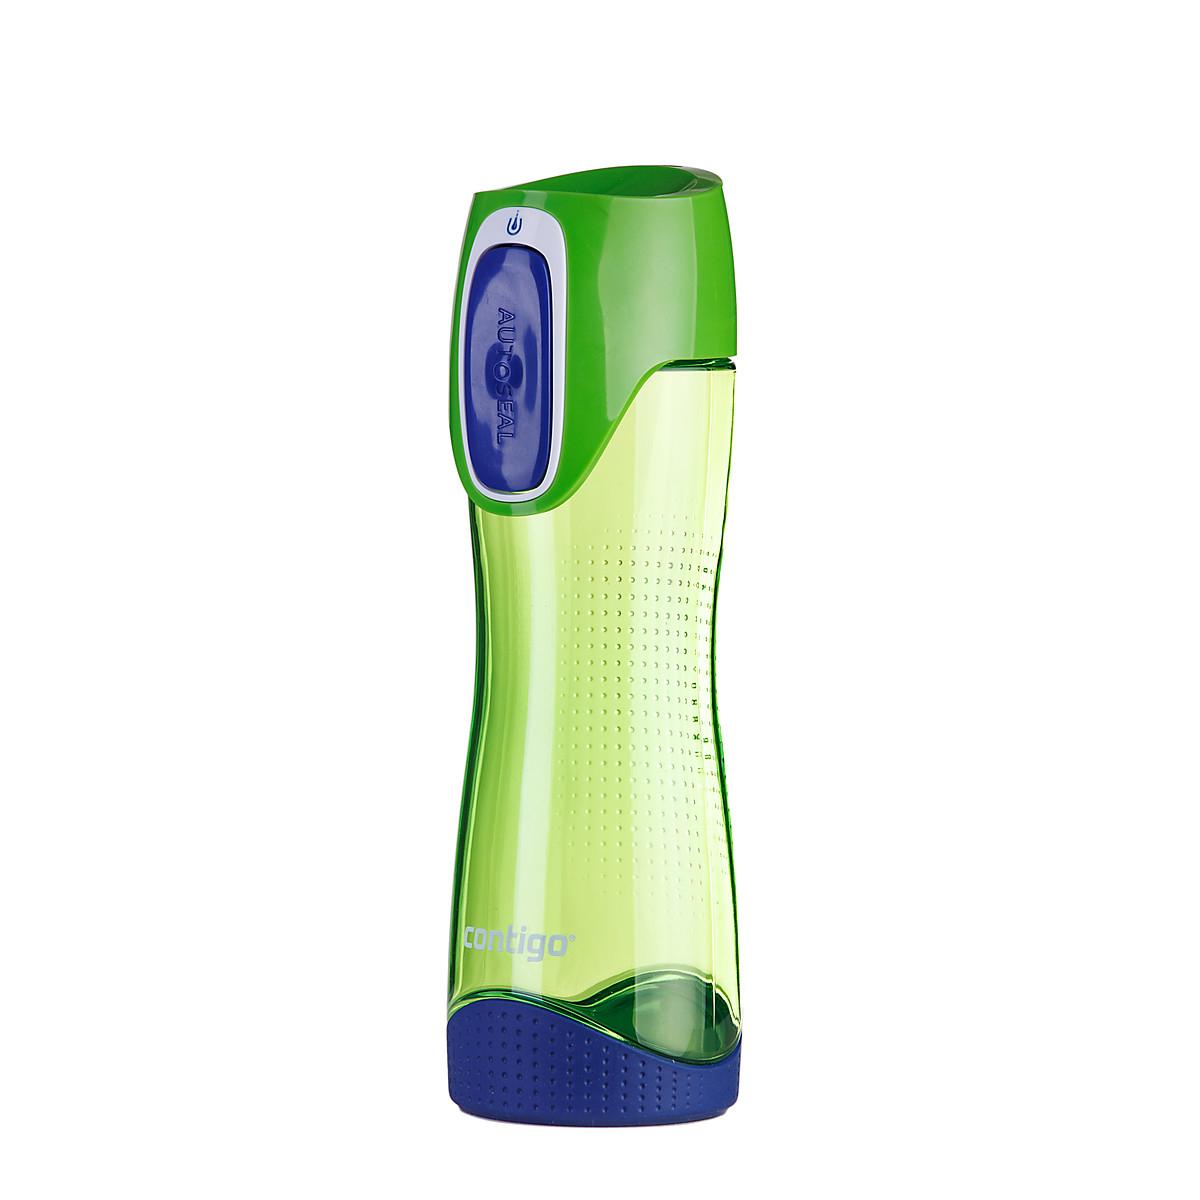 Бутылка для воды Contigo Swish, цвет: зеленый, синий, 550 млVT-1520(SR)Бутылка для воды Contigo Swish - это замечательный сюрприз как для родных и друзей, так и для себя.Практичная и комфортная форма, а также удобный размер позволит вам всегда носить ее с собой. Кроме того, чтобы попить из бутылки вам достаточно просто нажать на кнопку, а при отпускании ее крышка автоматически закроется, исключая вытекание воды. Такая система обеспечивает полную защиту вашей воды от попадания вредных и ненужных микроорганизмов.